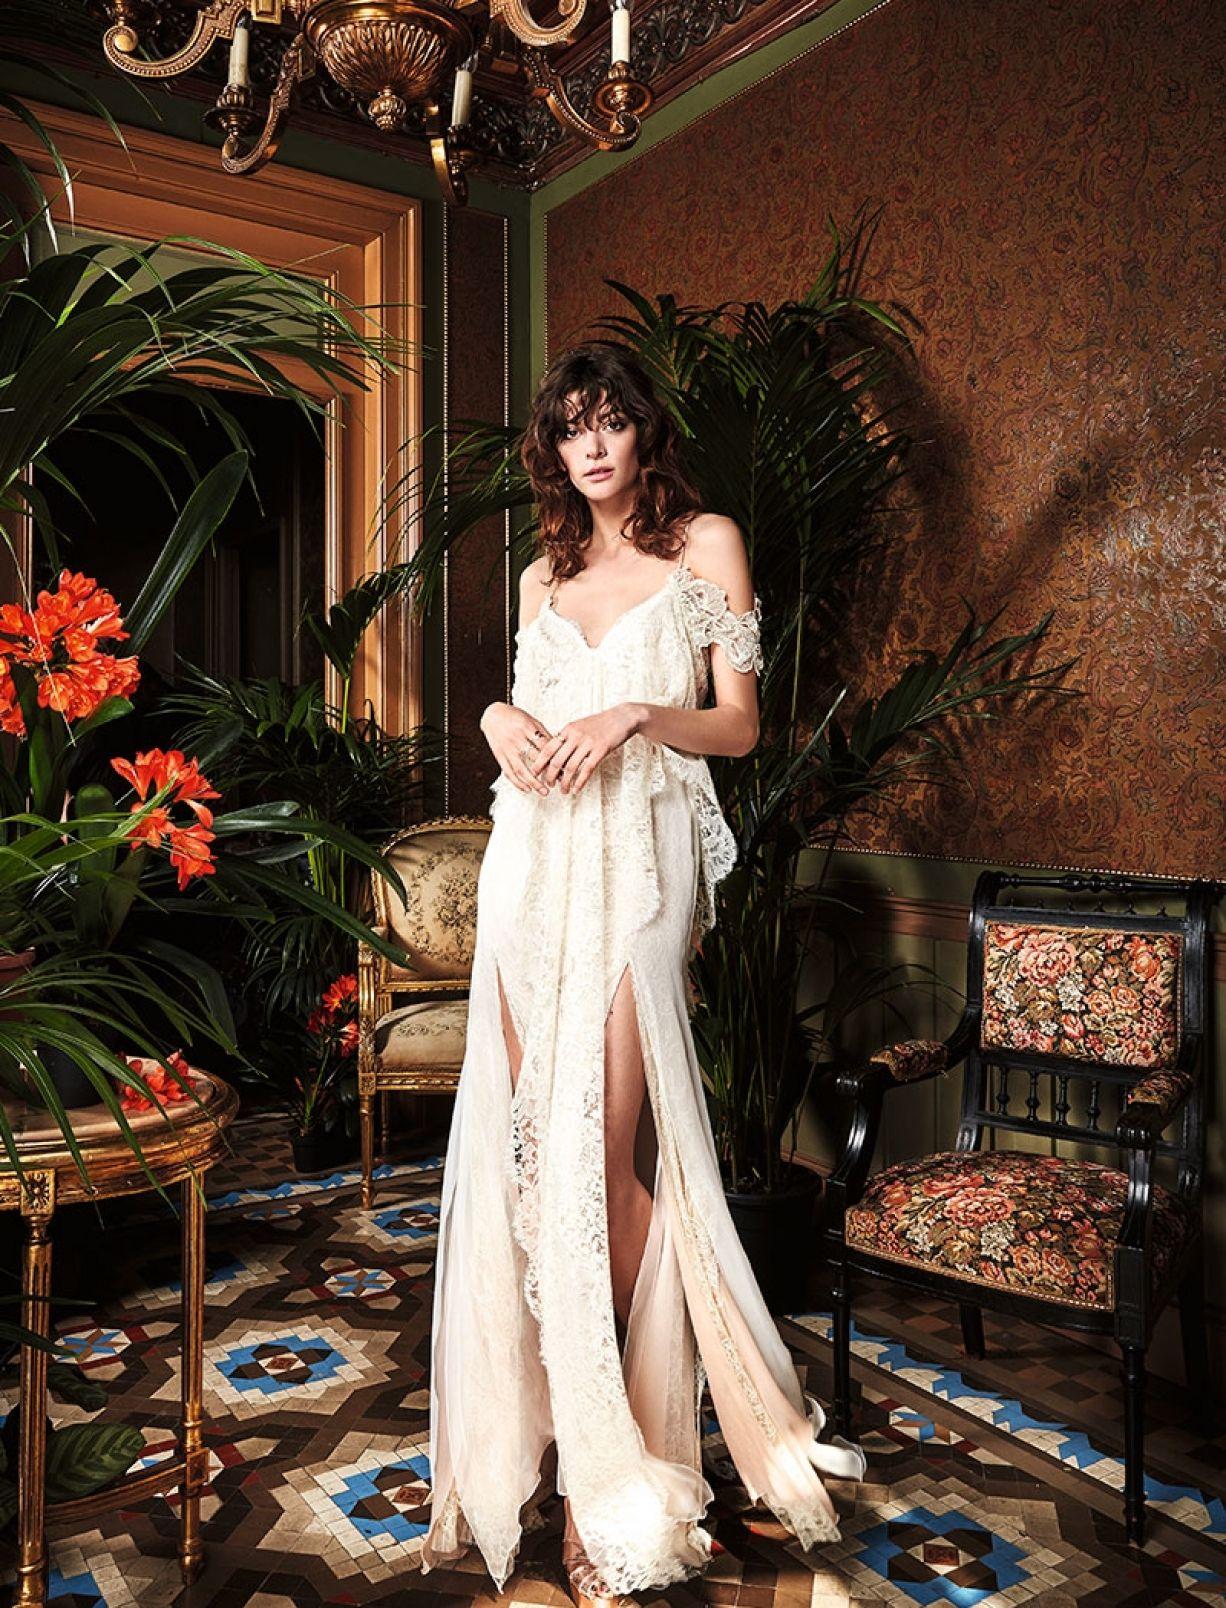 boho style wedding dresses london